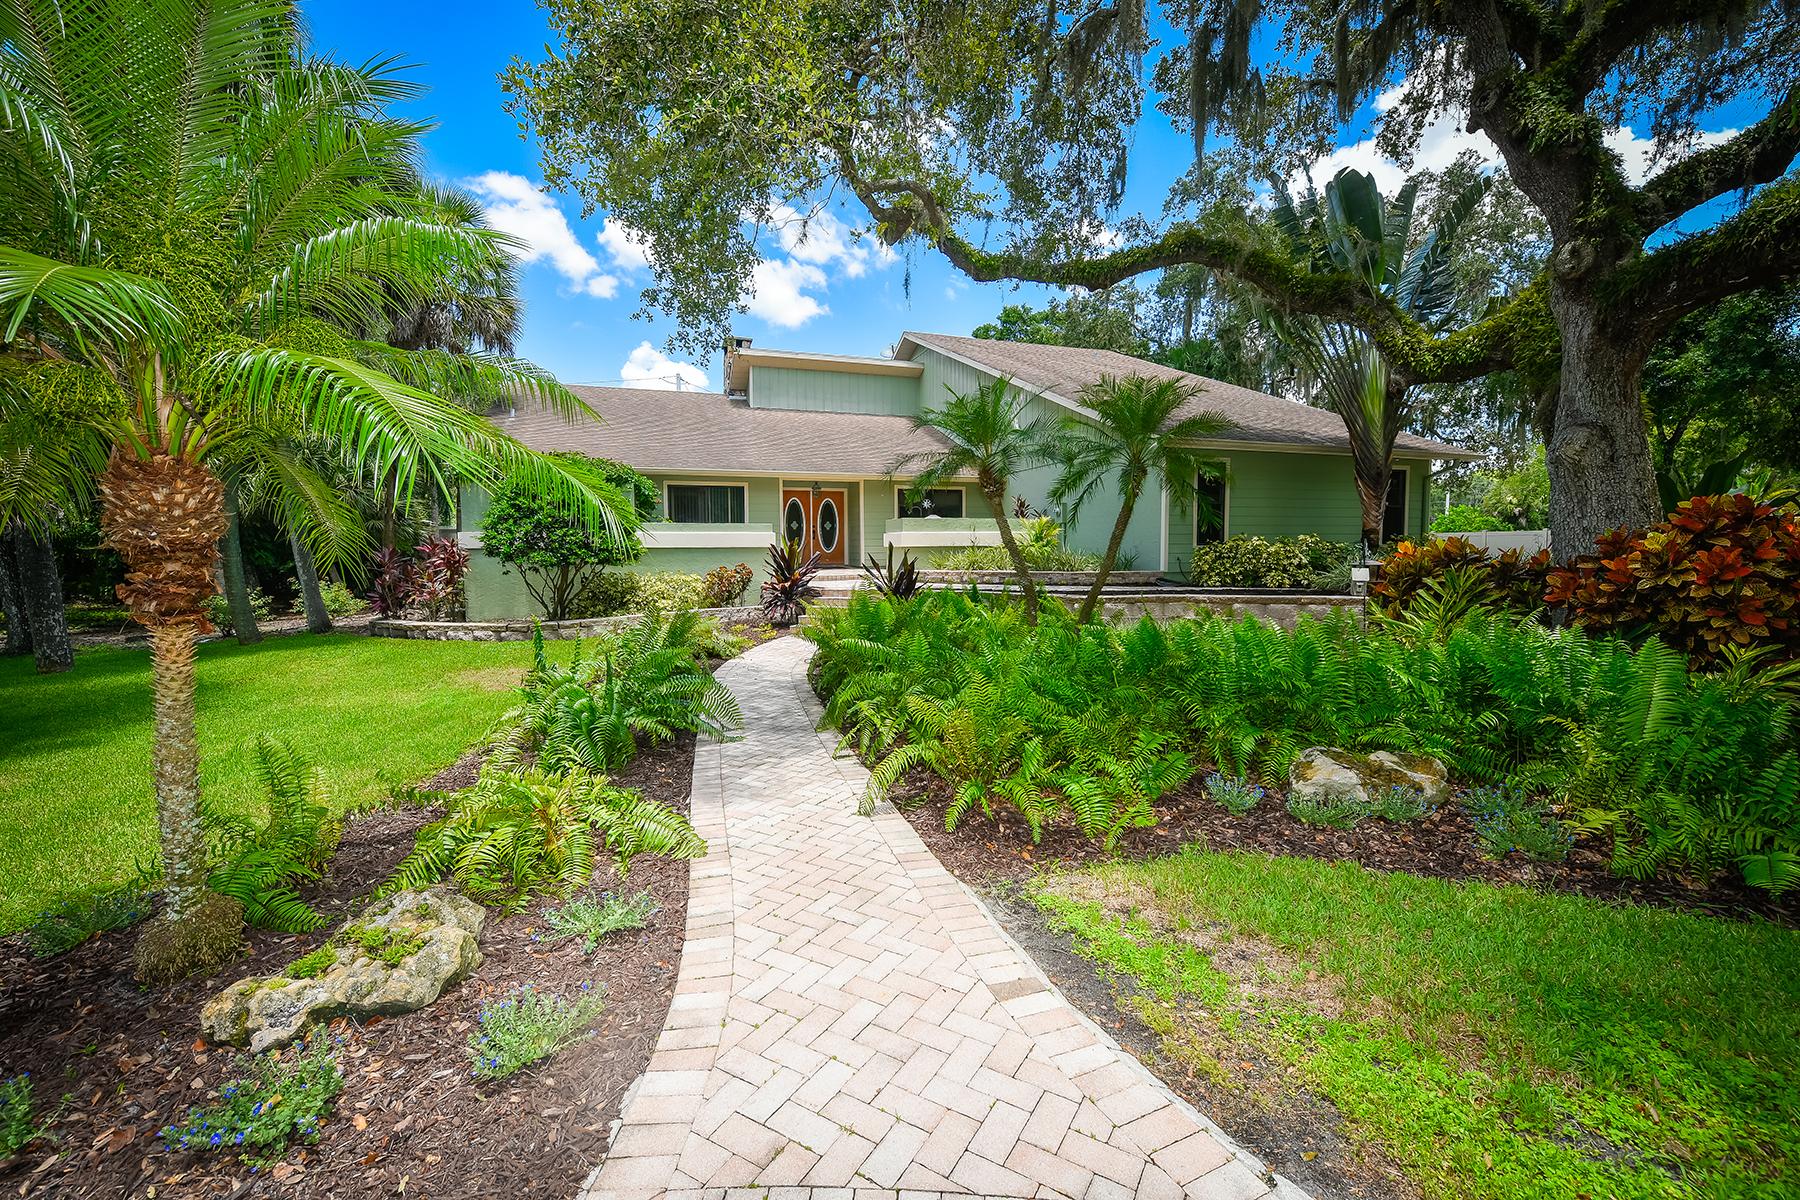 Einfamilienhaus für Verkauf beim HIDDEN OAKS ESTATES 4721 Stone Ridge Trl Sarasota, Florida, 34232 Vereinigte Staaten